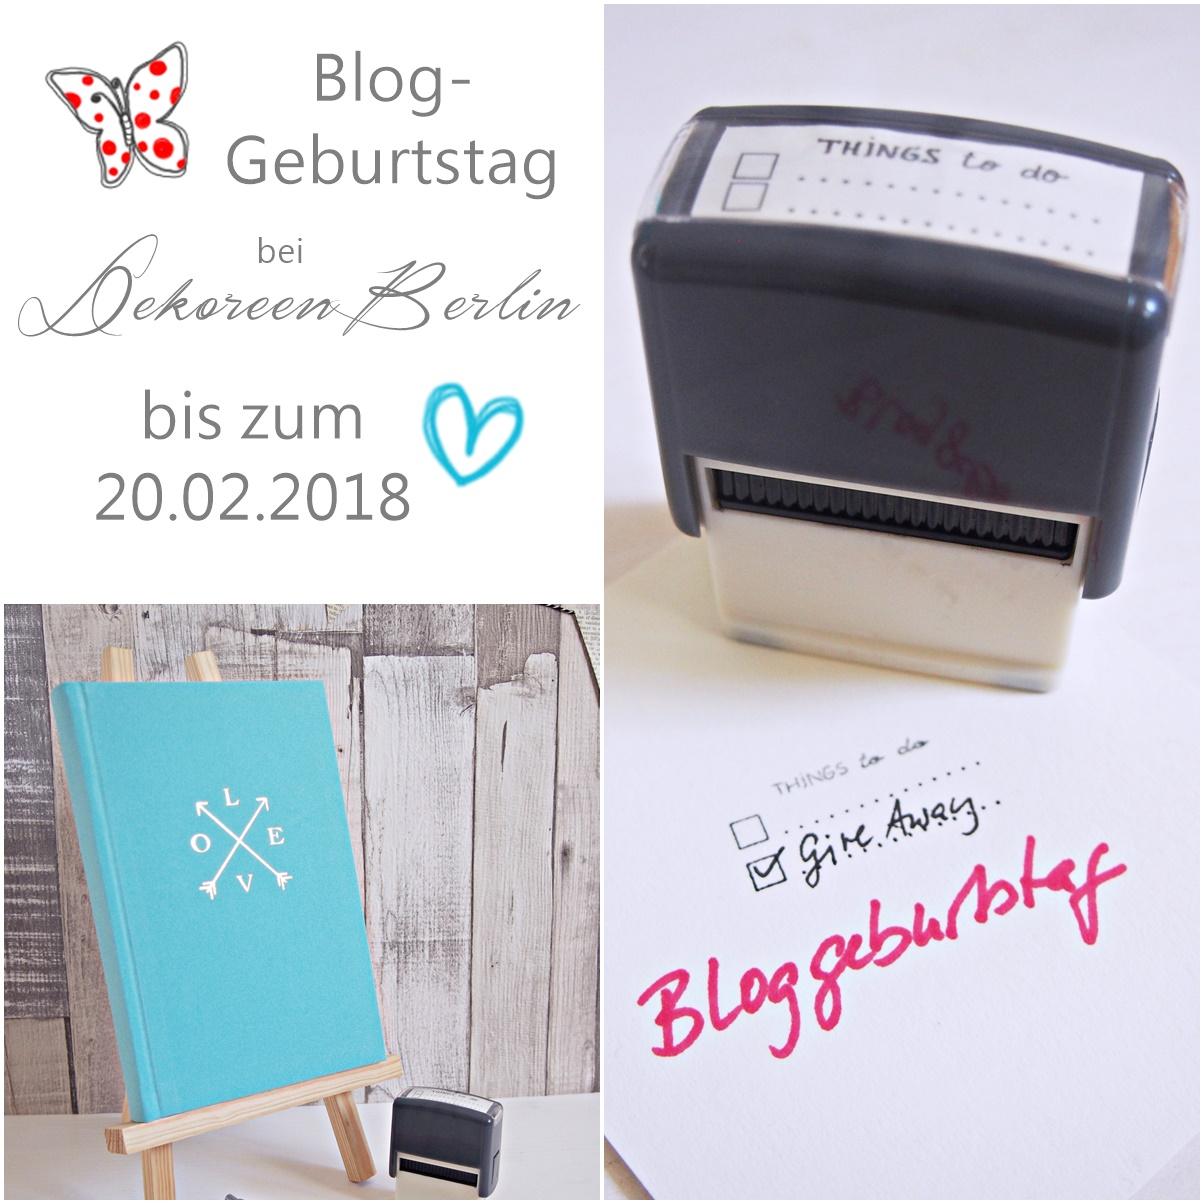 Bloggeburtstag bei DekoreenBerlin